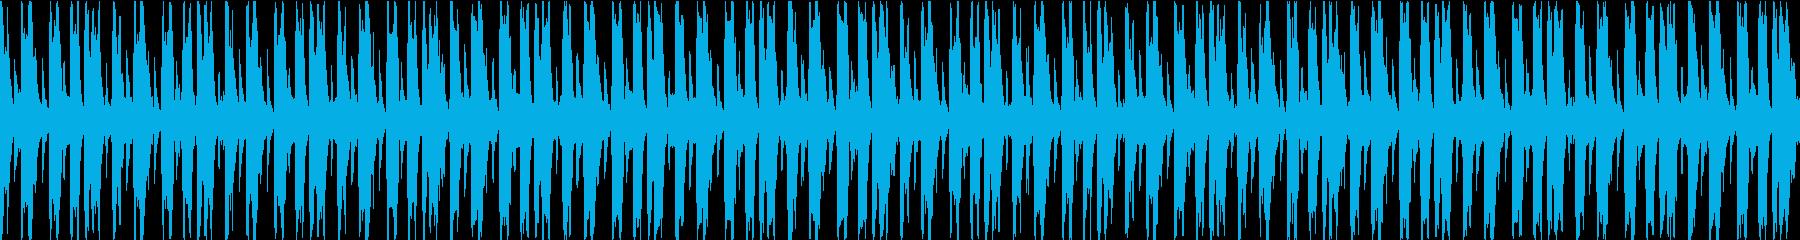 エネルギッシュでファンキーで忙しい...の再生済みの波形